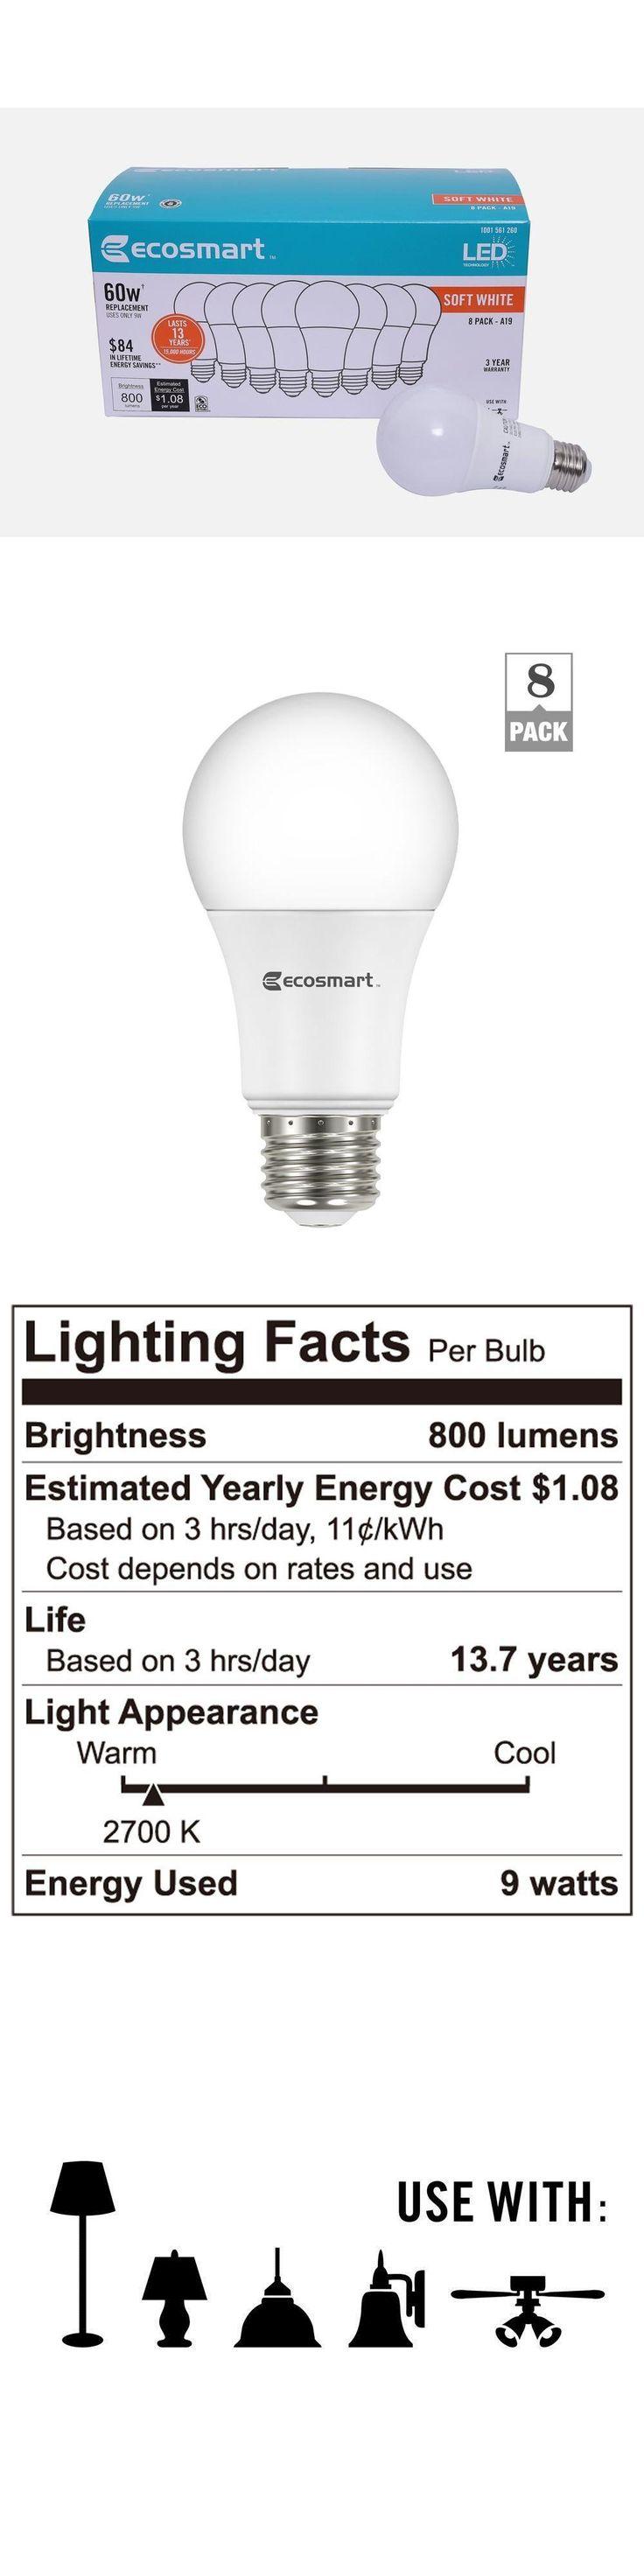 1000 images about lightbulb things on pinterest lightbulbs bulbs - Light Bulbs 20706 32 Pack Led Ecosmar 9 W 60 Watt Soft White A19